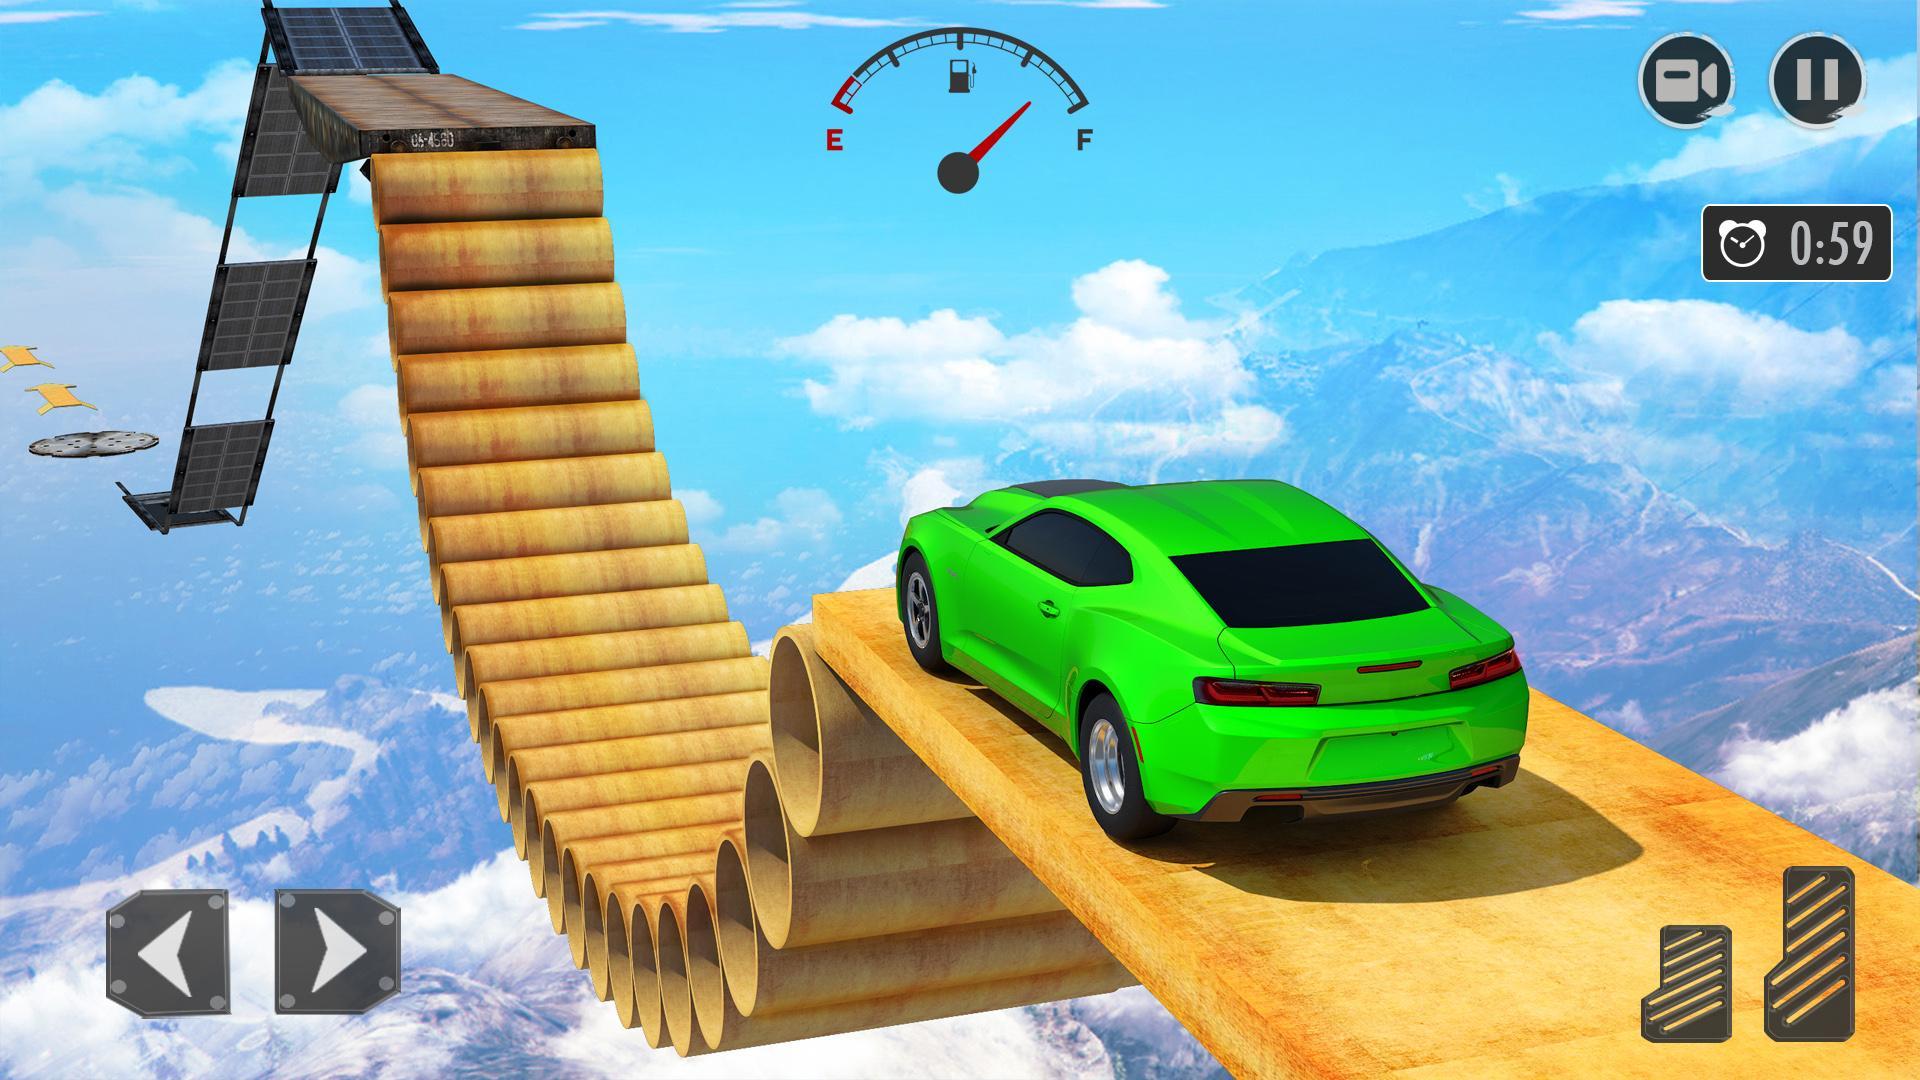 New Mega Ramp Crazy Car Stunts Games screenshot